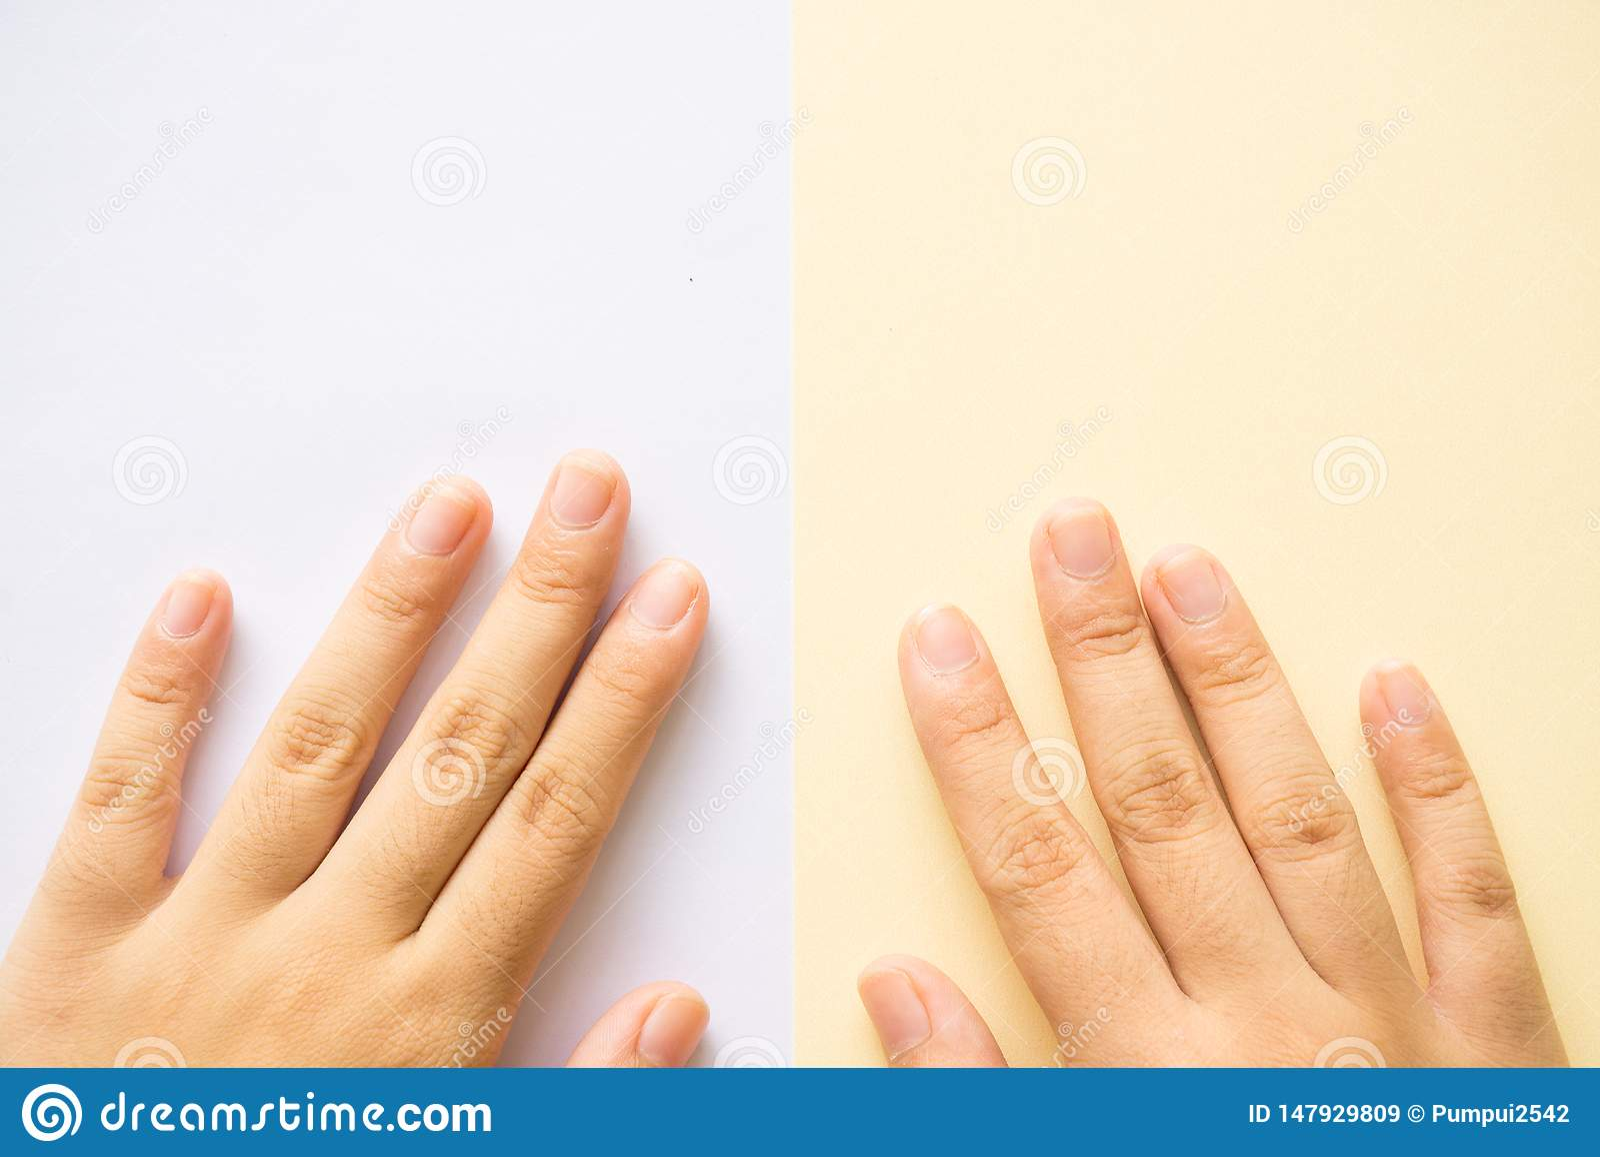 Χέρι στο άσπρο υπόβαθρο και το κίτρινο υπόβαθρο